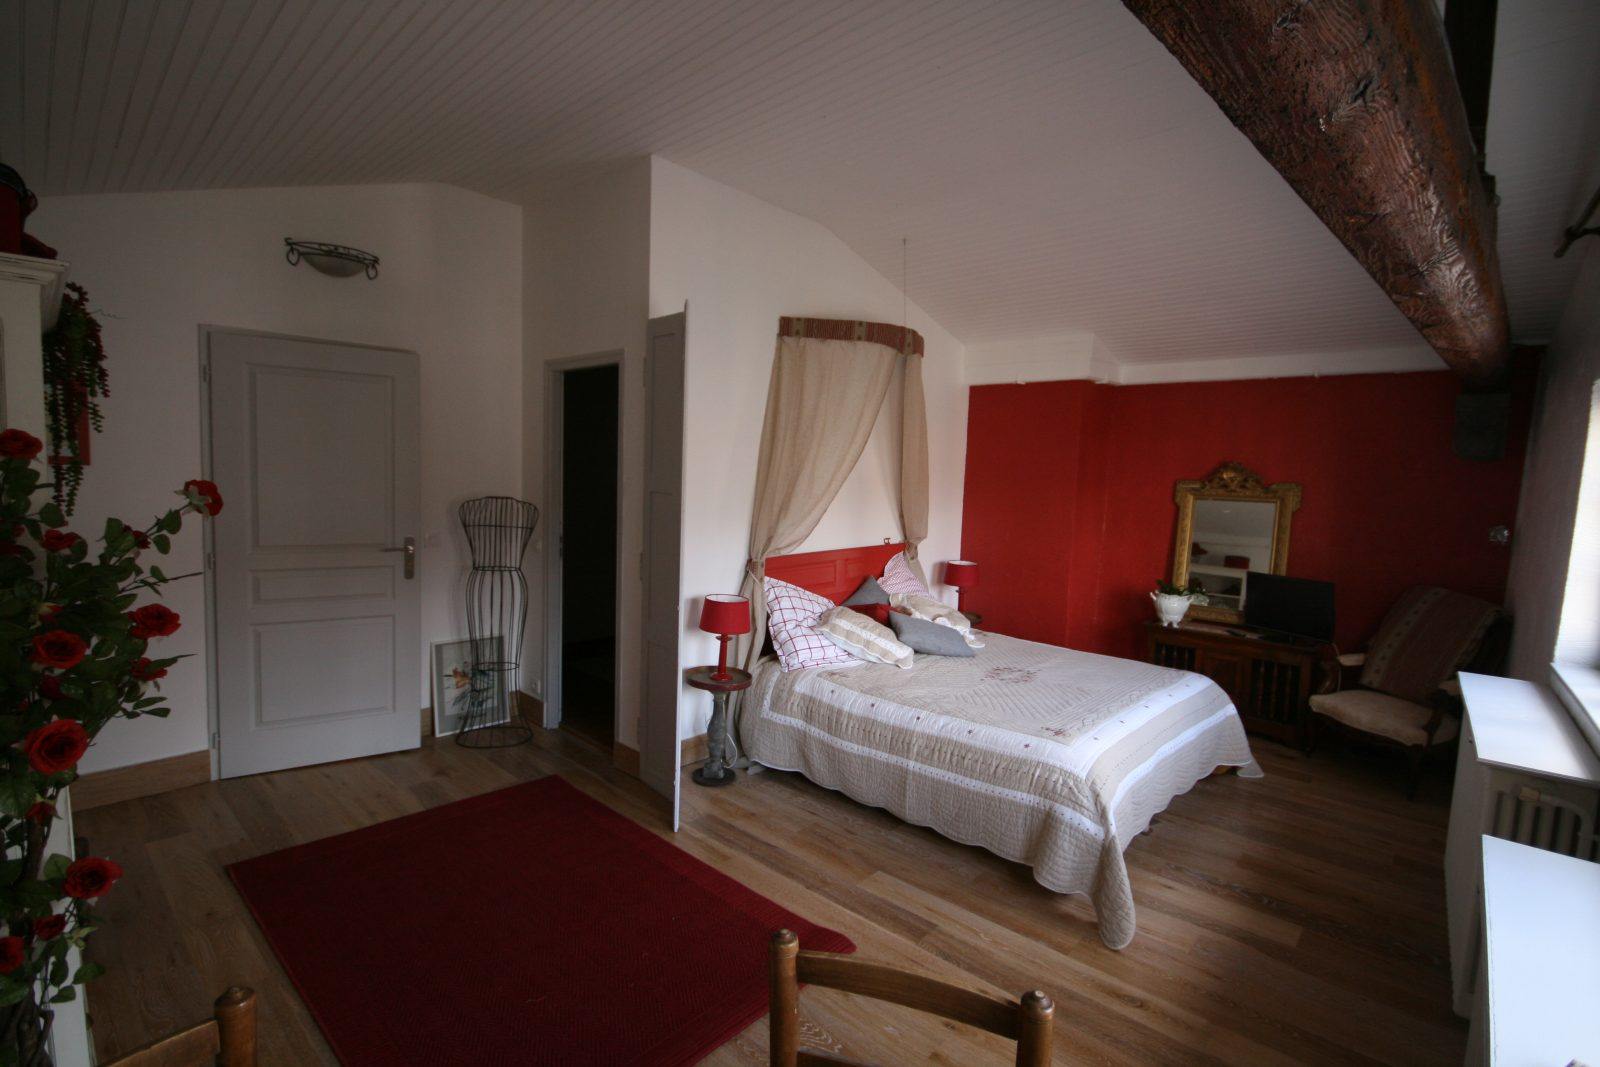 Chambres d'hôtes – Les Terrasses de Massillon – Riom